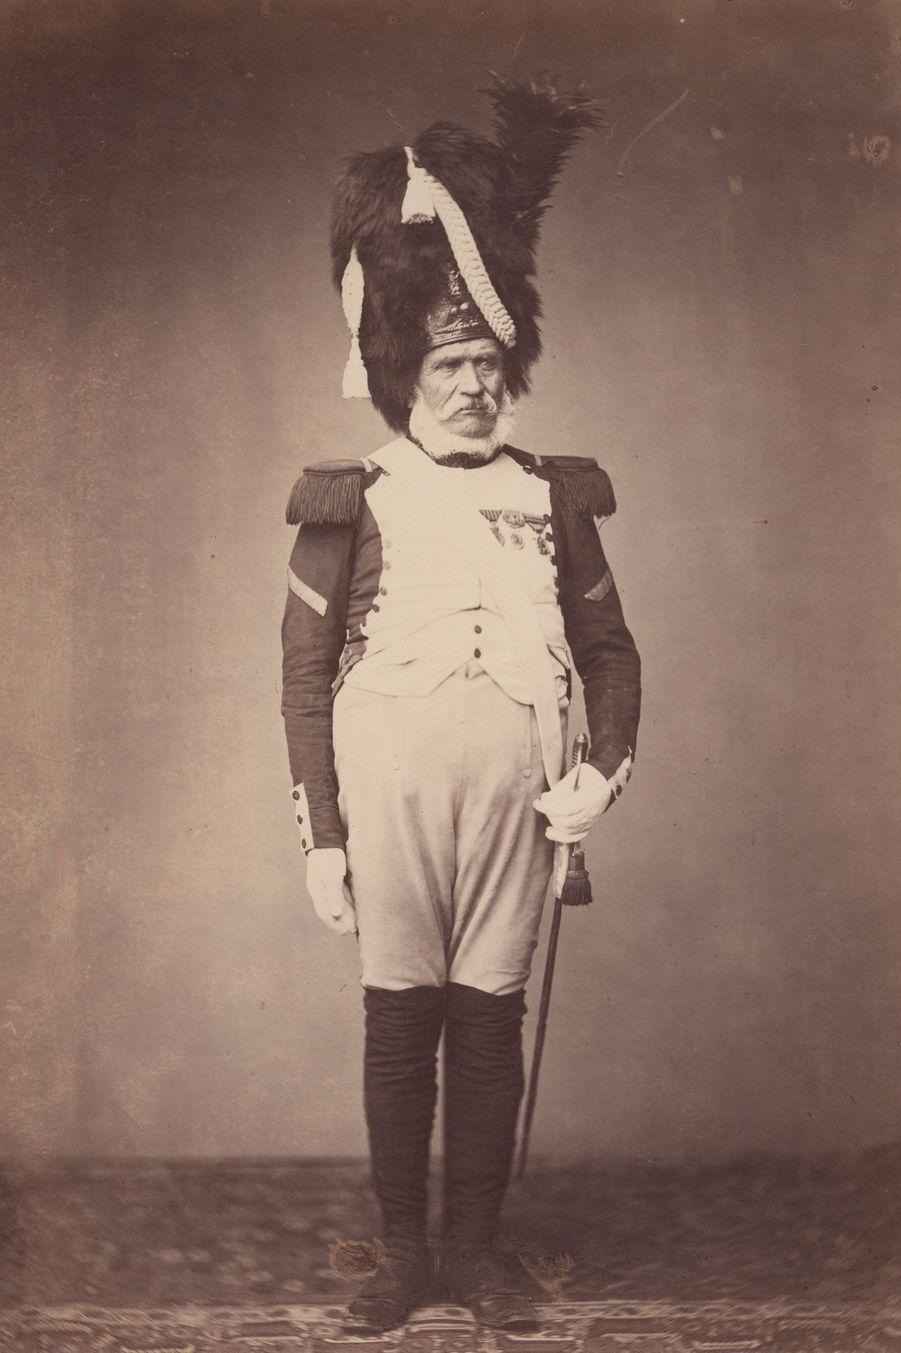 Le grenadier. Monsieur Burg est un soldat d'alite du 24e régiment de la Garde impériale. Il porte un uniforme en drap bleu impérial ainsi qu'un b...